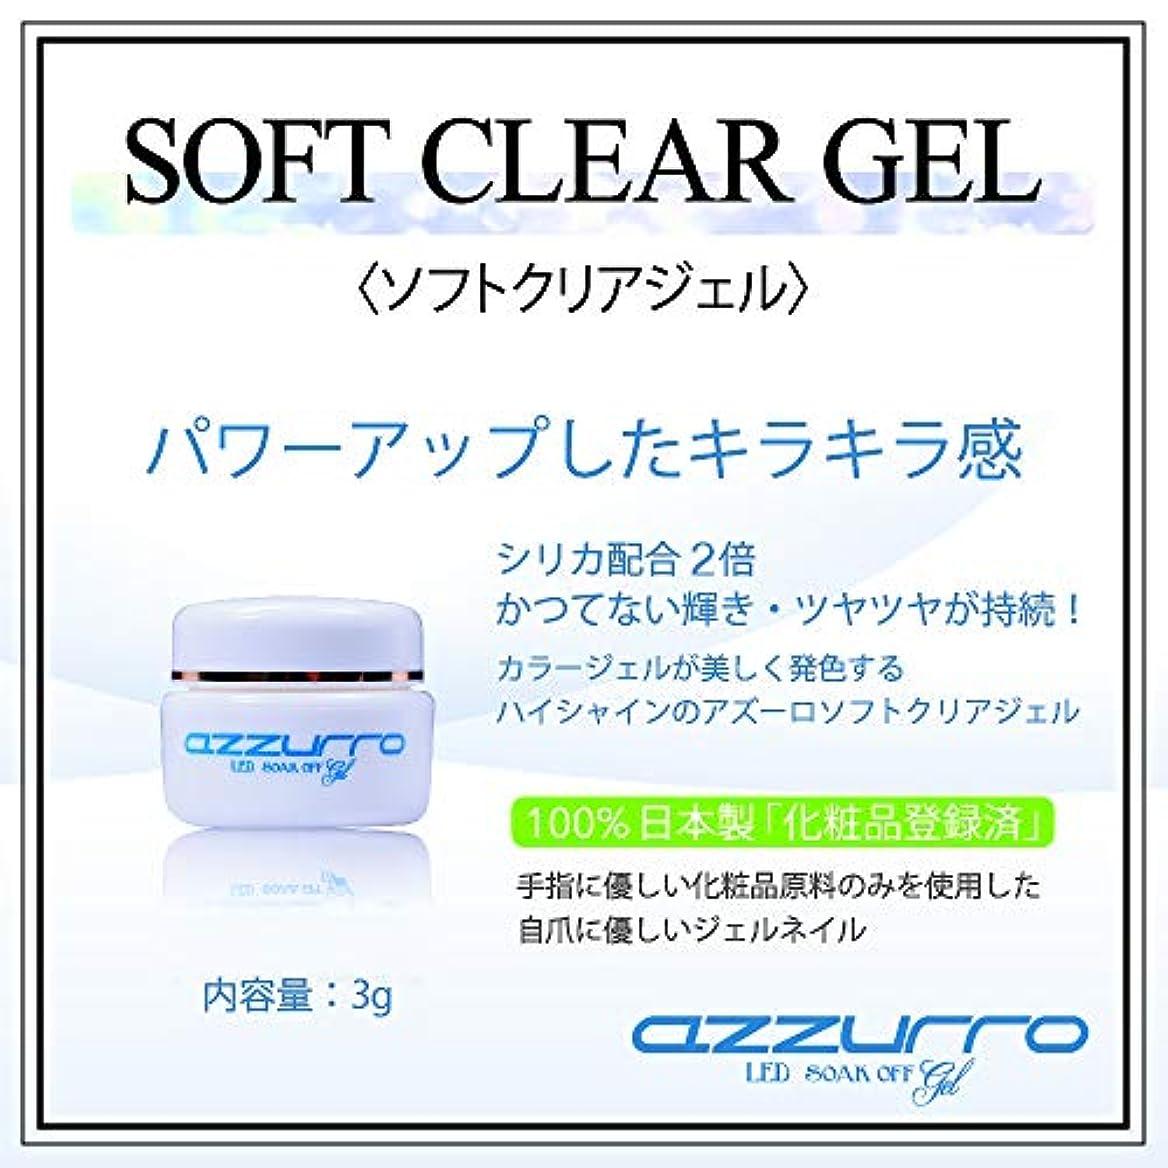 エコー散文石のazzurro gel アッズーロ ソフトクリアージェル ツヤツヤ キラキラ感持続 抜群のツヤ 爪に優しい日本製 3g